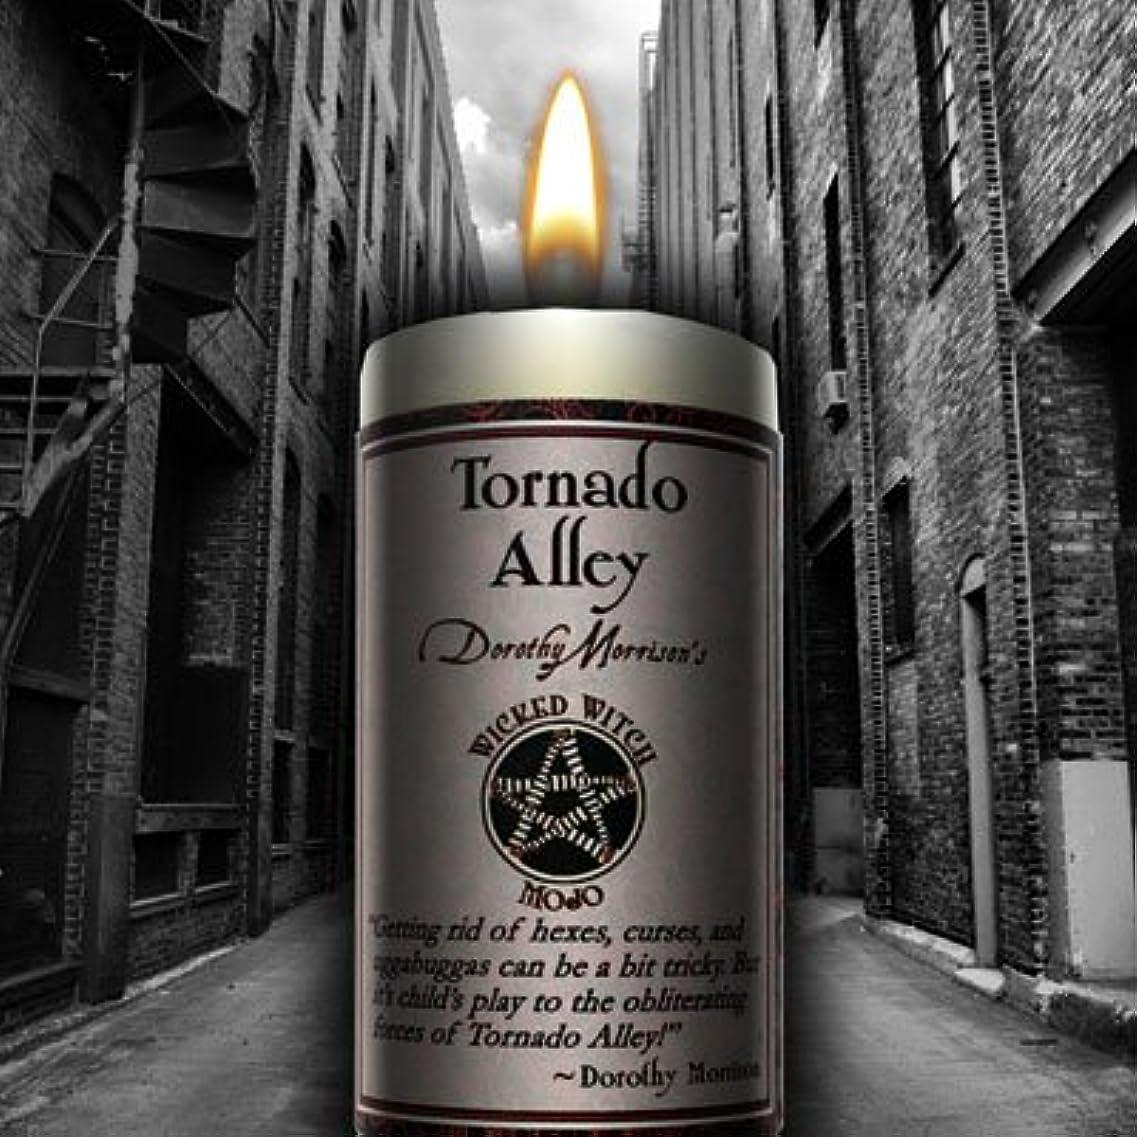 速度浸したチャートWicked Witch Mojo Tornado Alley Candle by Dorothy Morrison